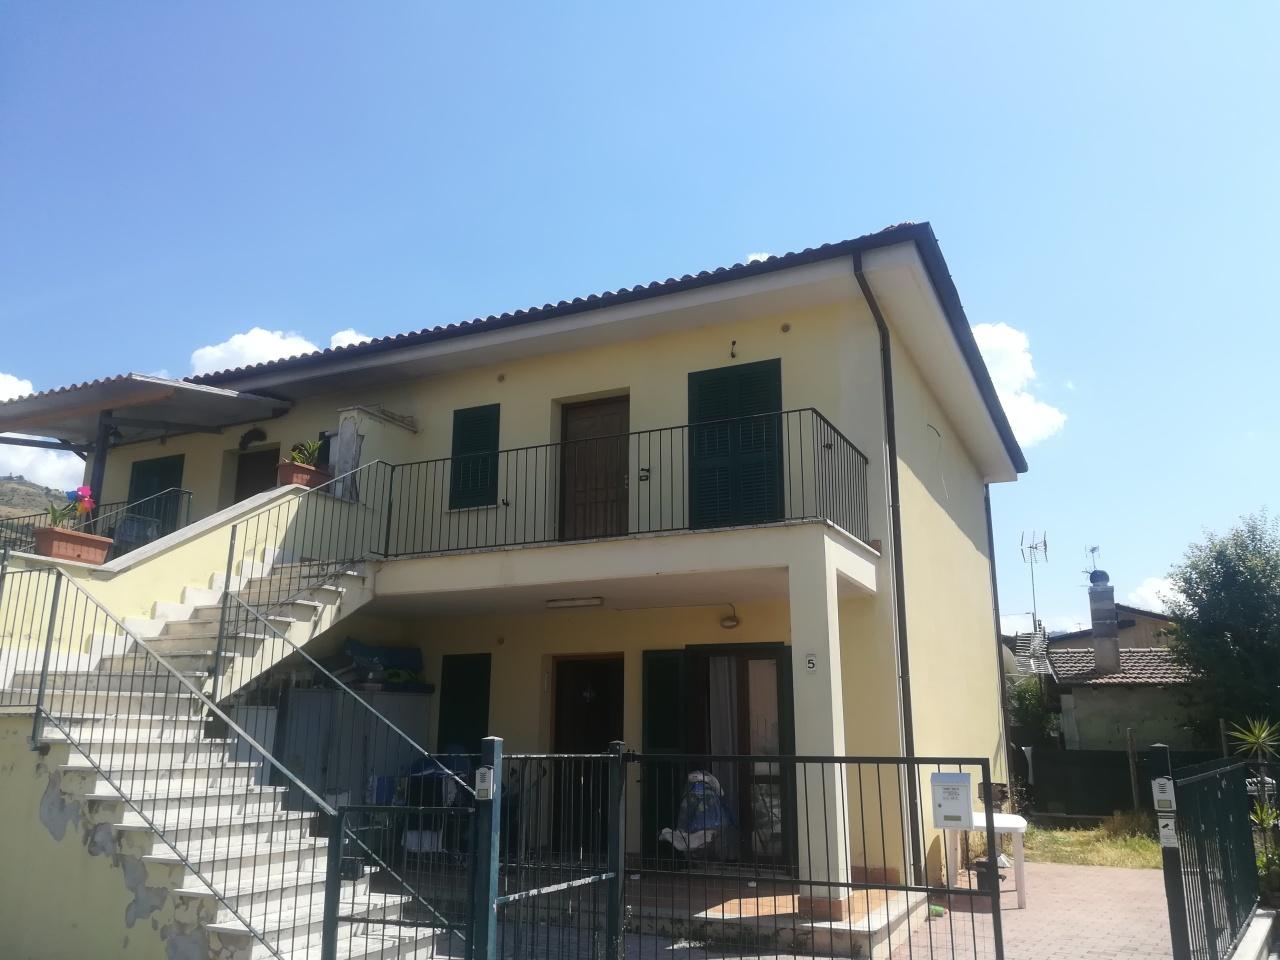 Appartamento in vendita a Palestrina, 3 locali, prezzo € 93.000 | CambioCasa.it